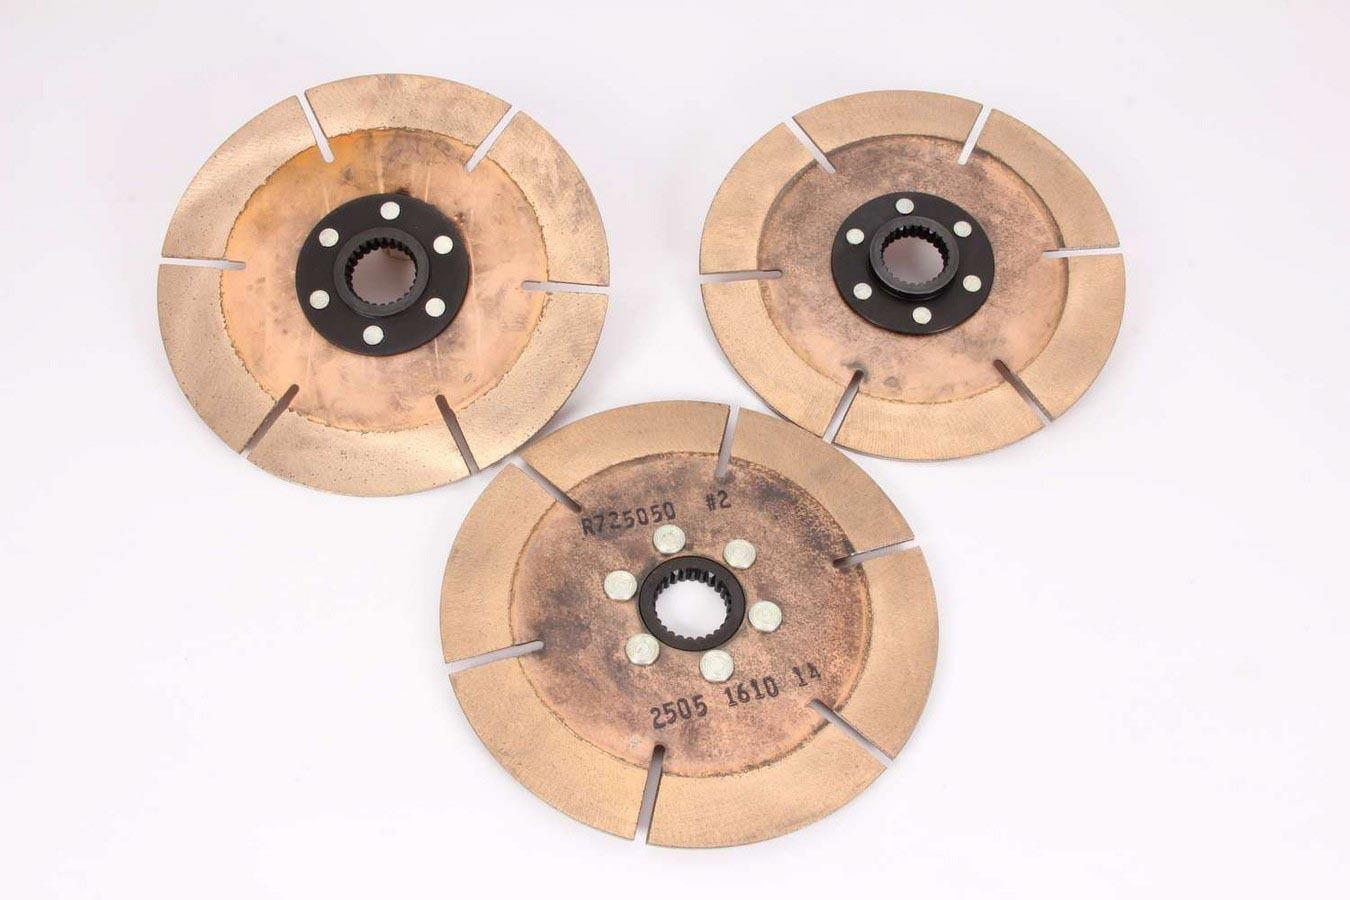 ACE Racing Clutches R725102K3 Clutch Disc, 7-1/4 in Diameter, 1-5/32 in x 26 Spline, Ceramic / Metallic, Universal, Set of 3